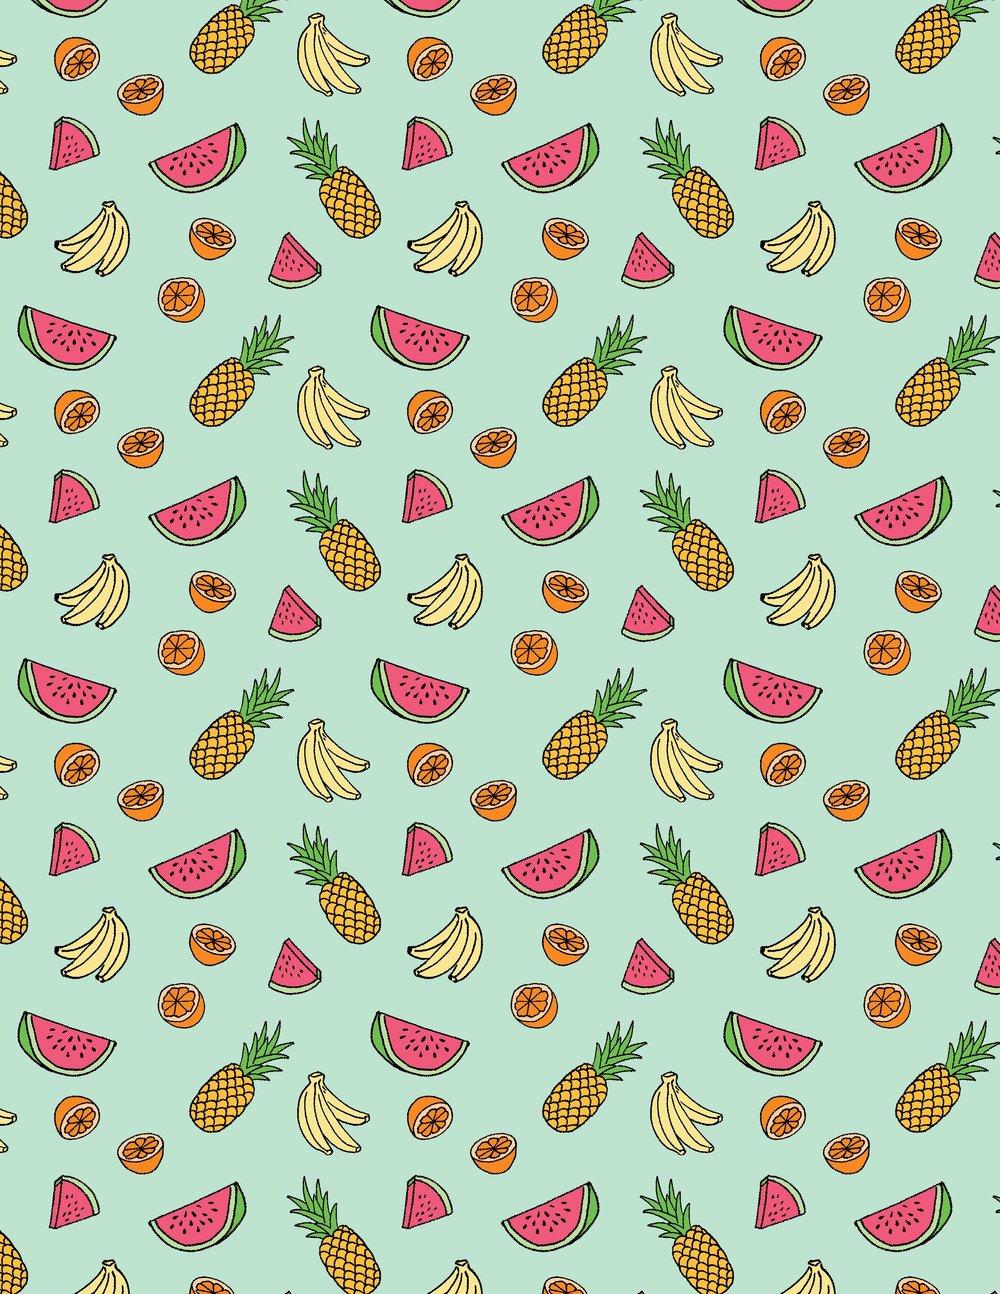 fruit8x11.jpg